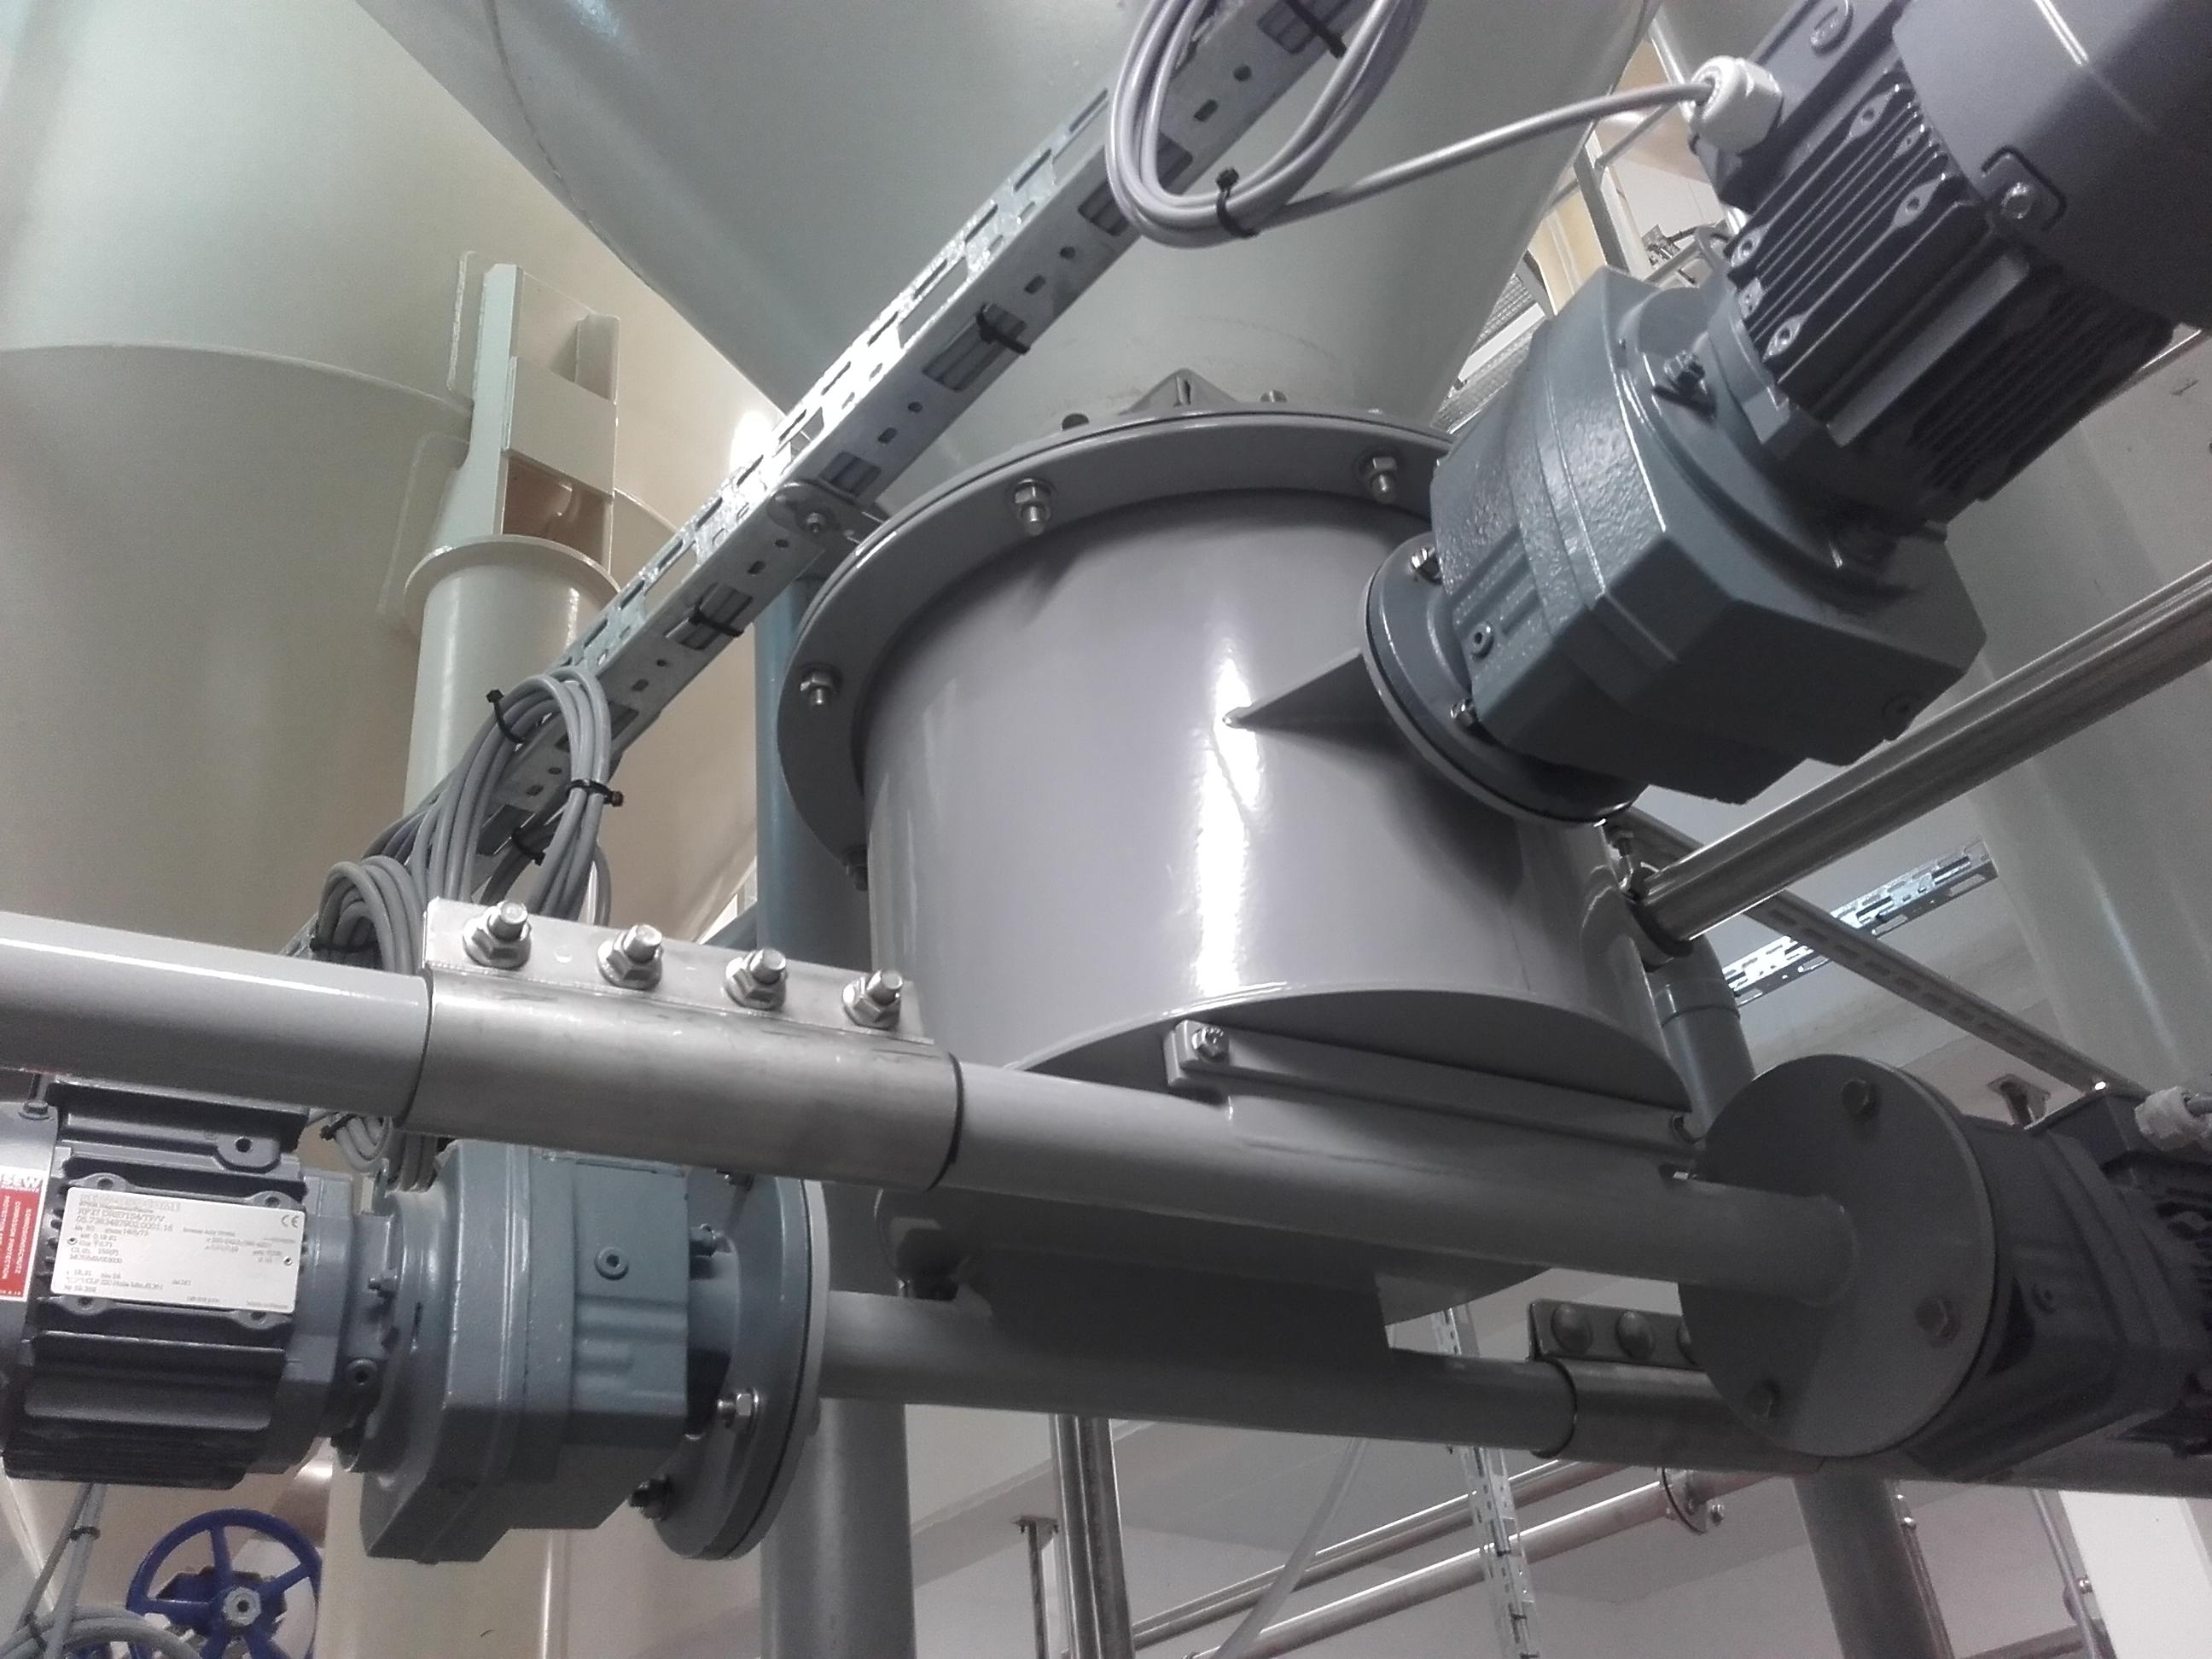 Equipment zum Ansetzen von Sodalösung